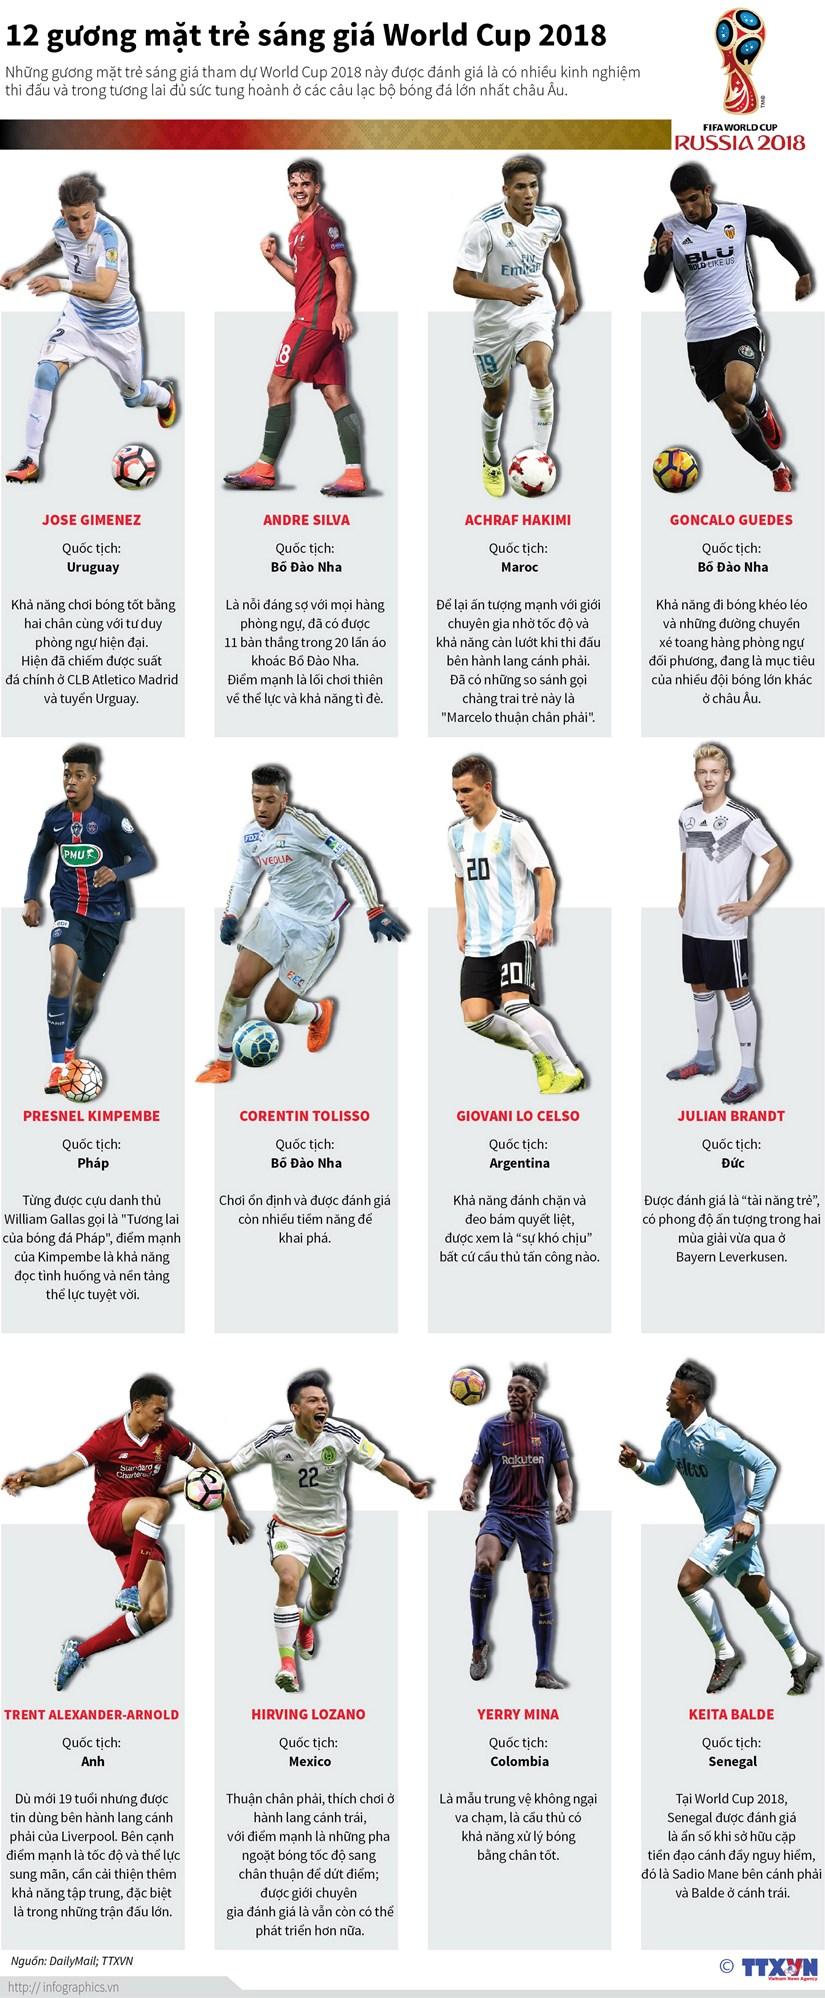 """[Infographics] """"Diem danh"""" 12 guong mat sang gia tai World Cup 2018 hinh anh 1"""